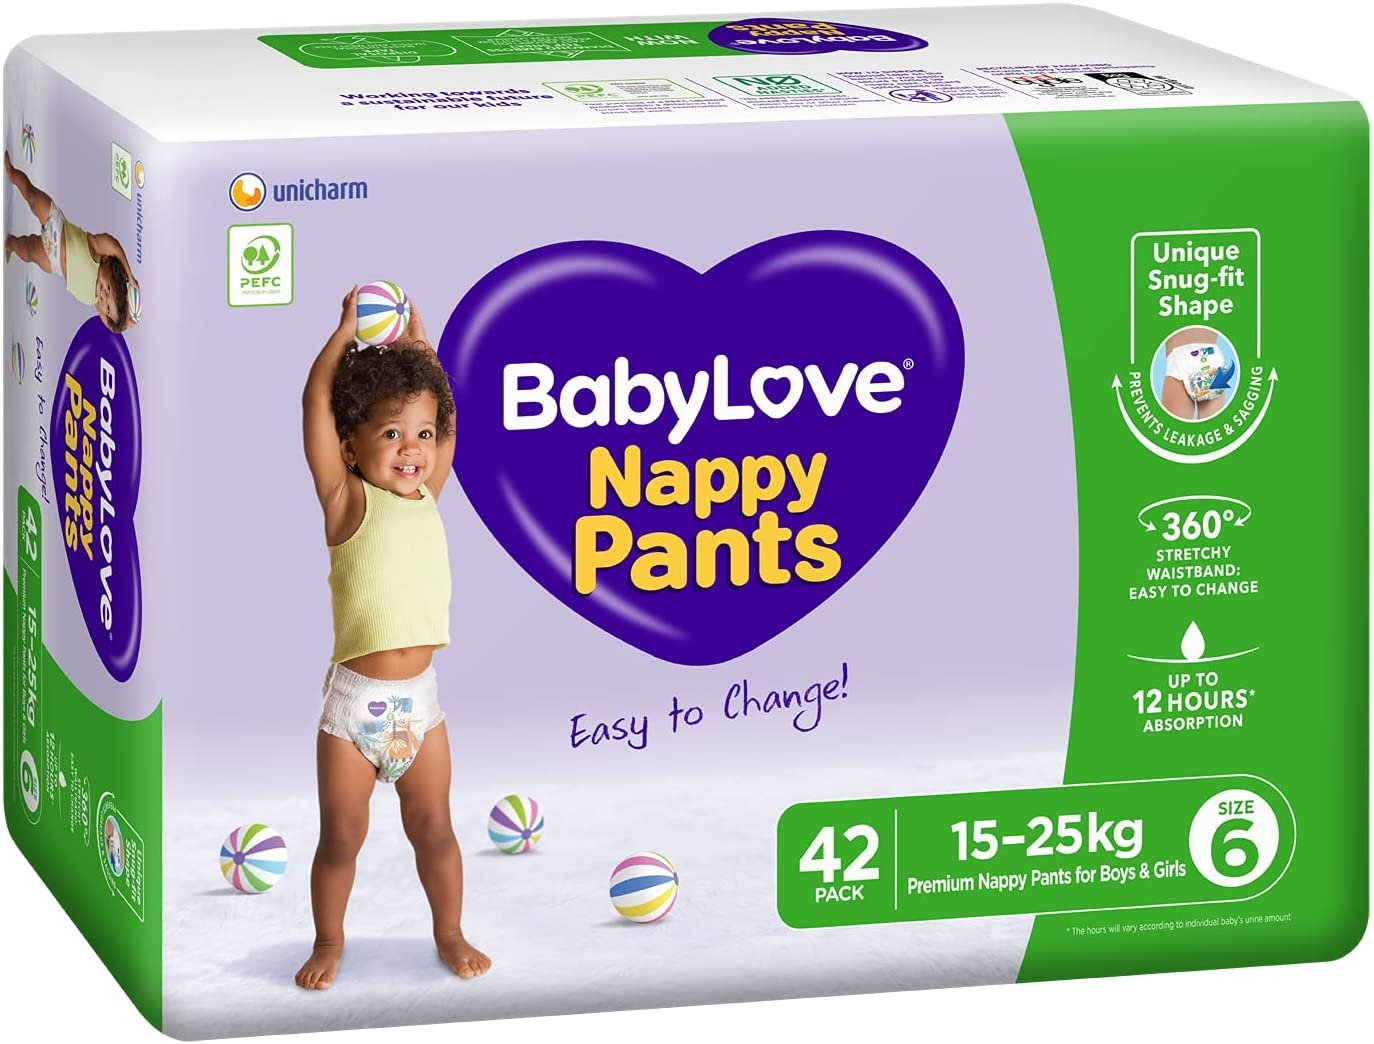 AU BabyLove Premium Nappy Pants, Size 6 (15-25kg), 84 Nappies (2x 42 pack)